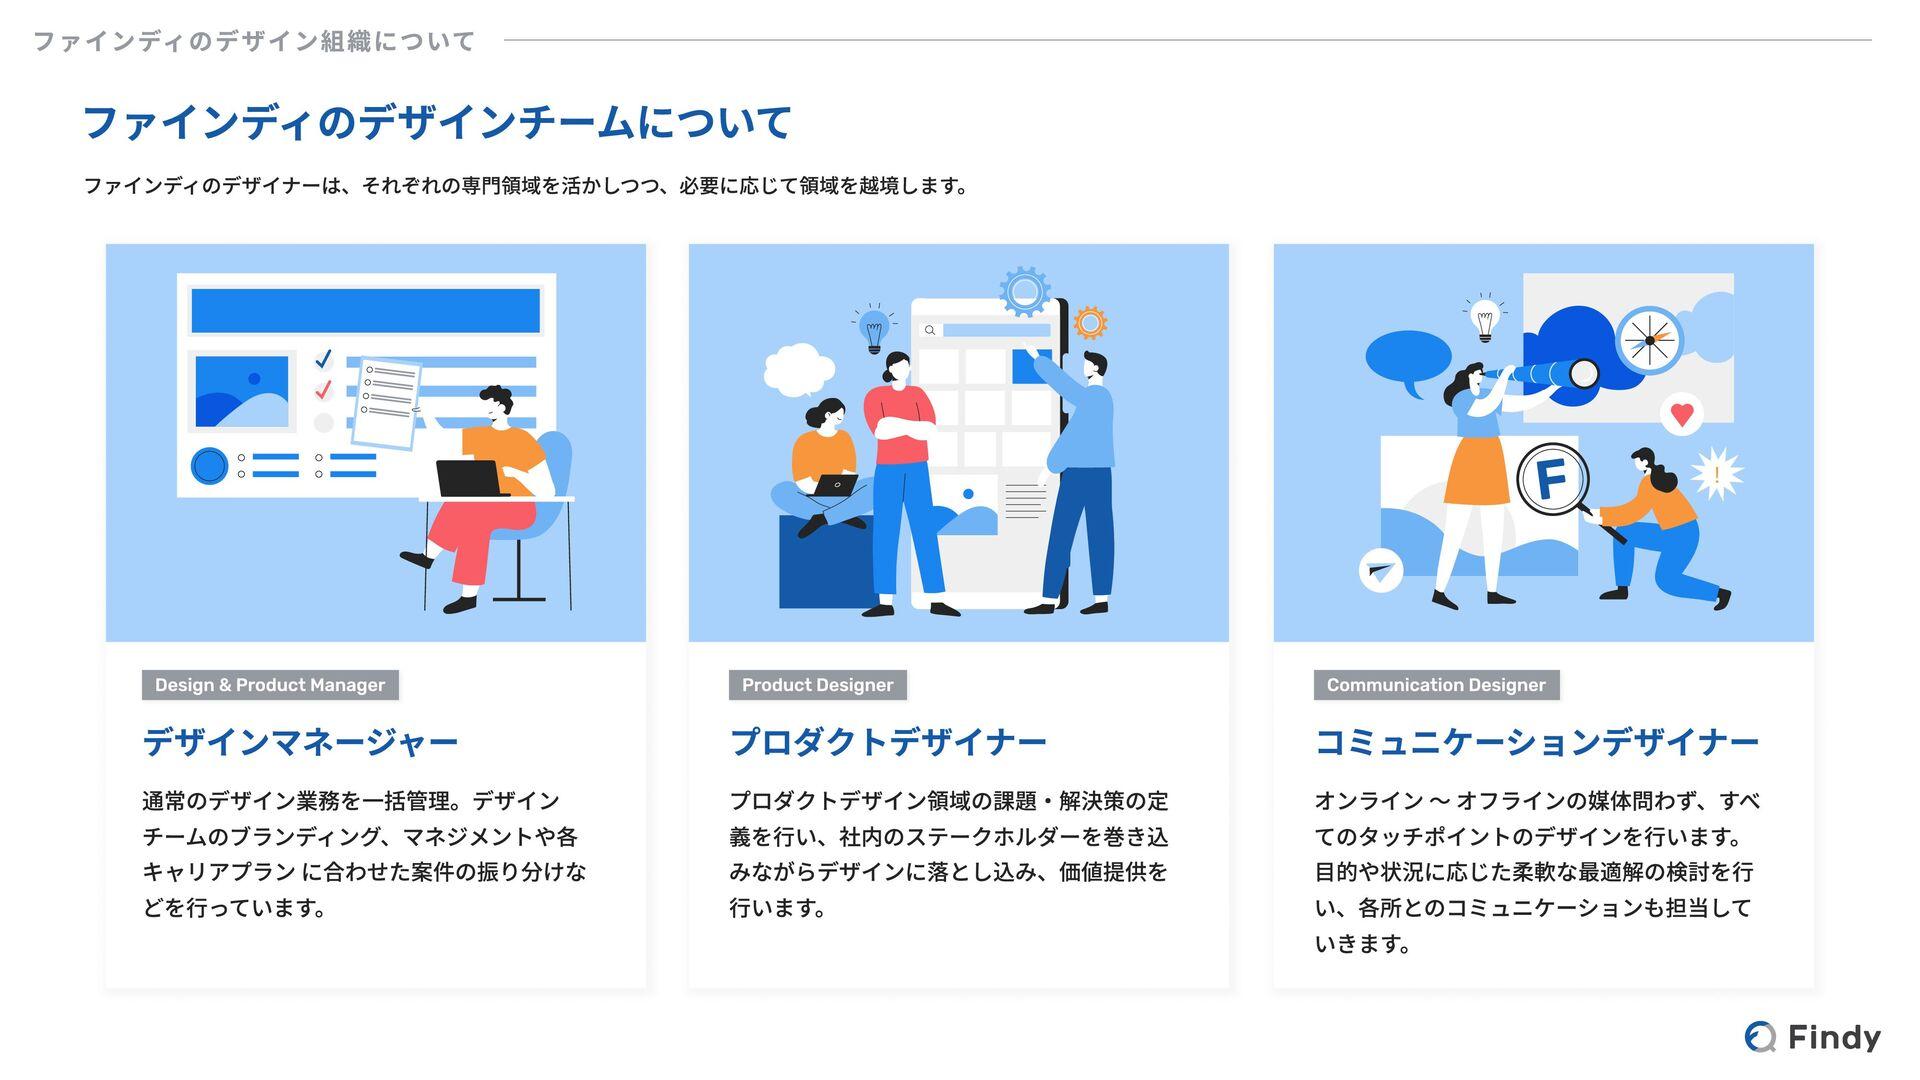 Findy Findy 転職事業部 Findy Freelance 事業部 Teams 事業部...